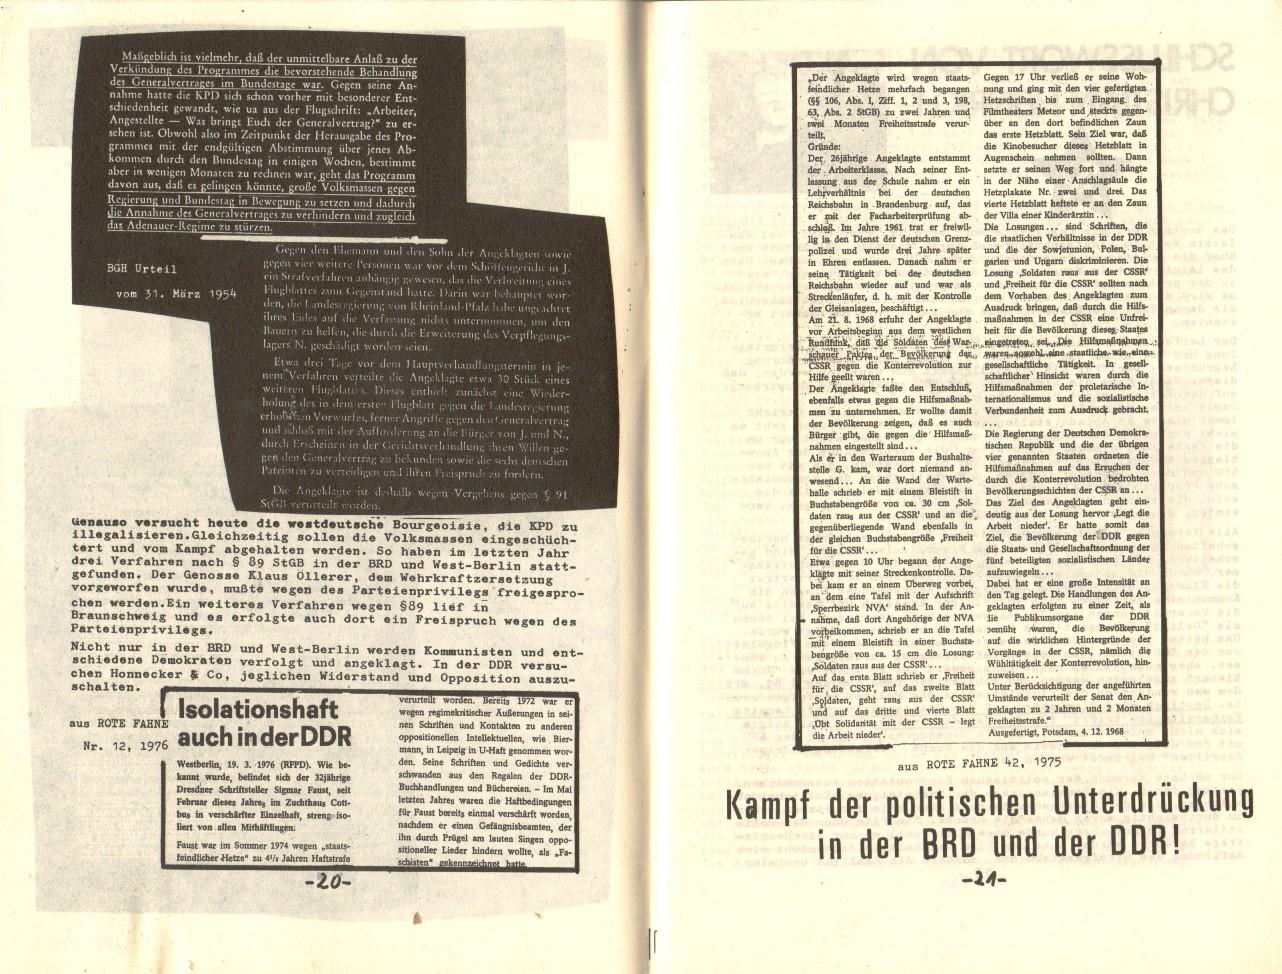 Berlin_KPD_1976_Staatsschutzprozess02_12